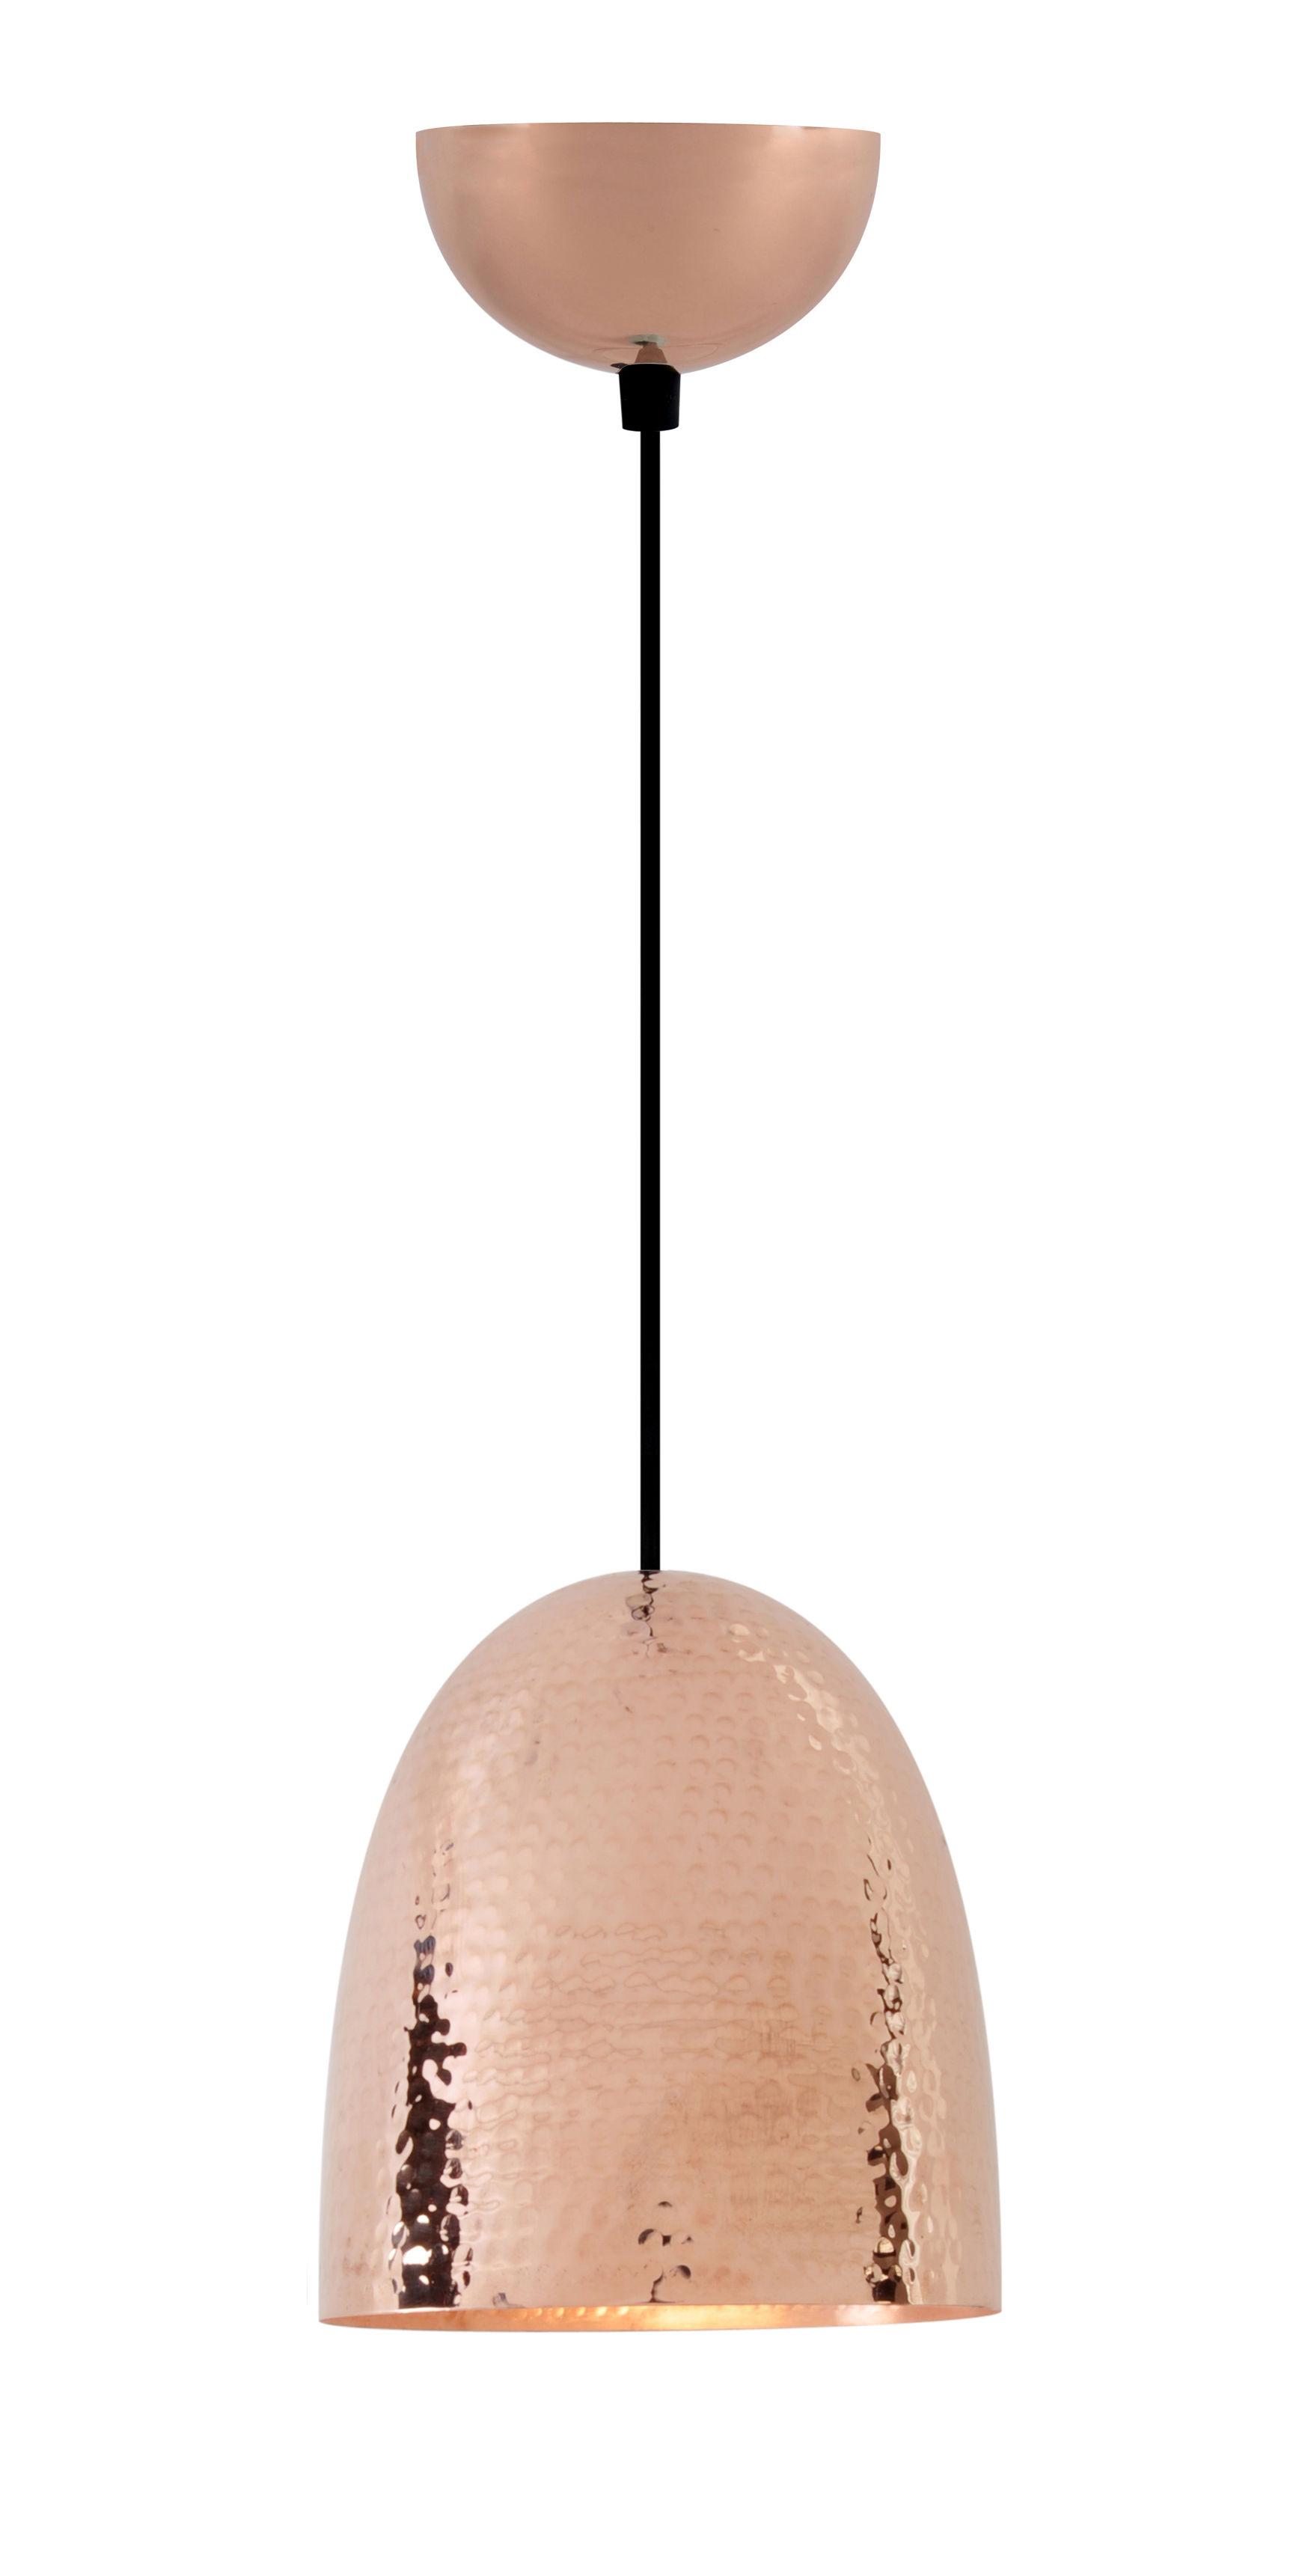 Illuminazione - Lampadari - Sospensione Stanley Small - / Ø 18 x H 20 cm - Rame martellato di Original BTC - H 20 cm (Small) / Rame - Cuivre martelé